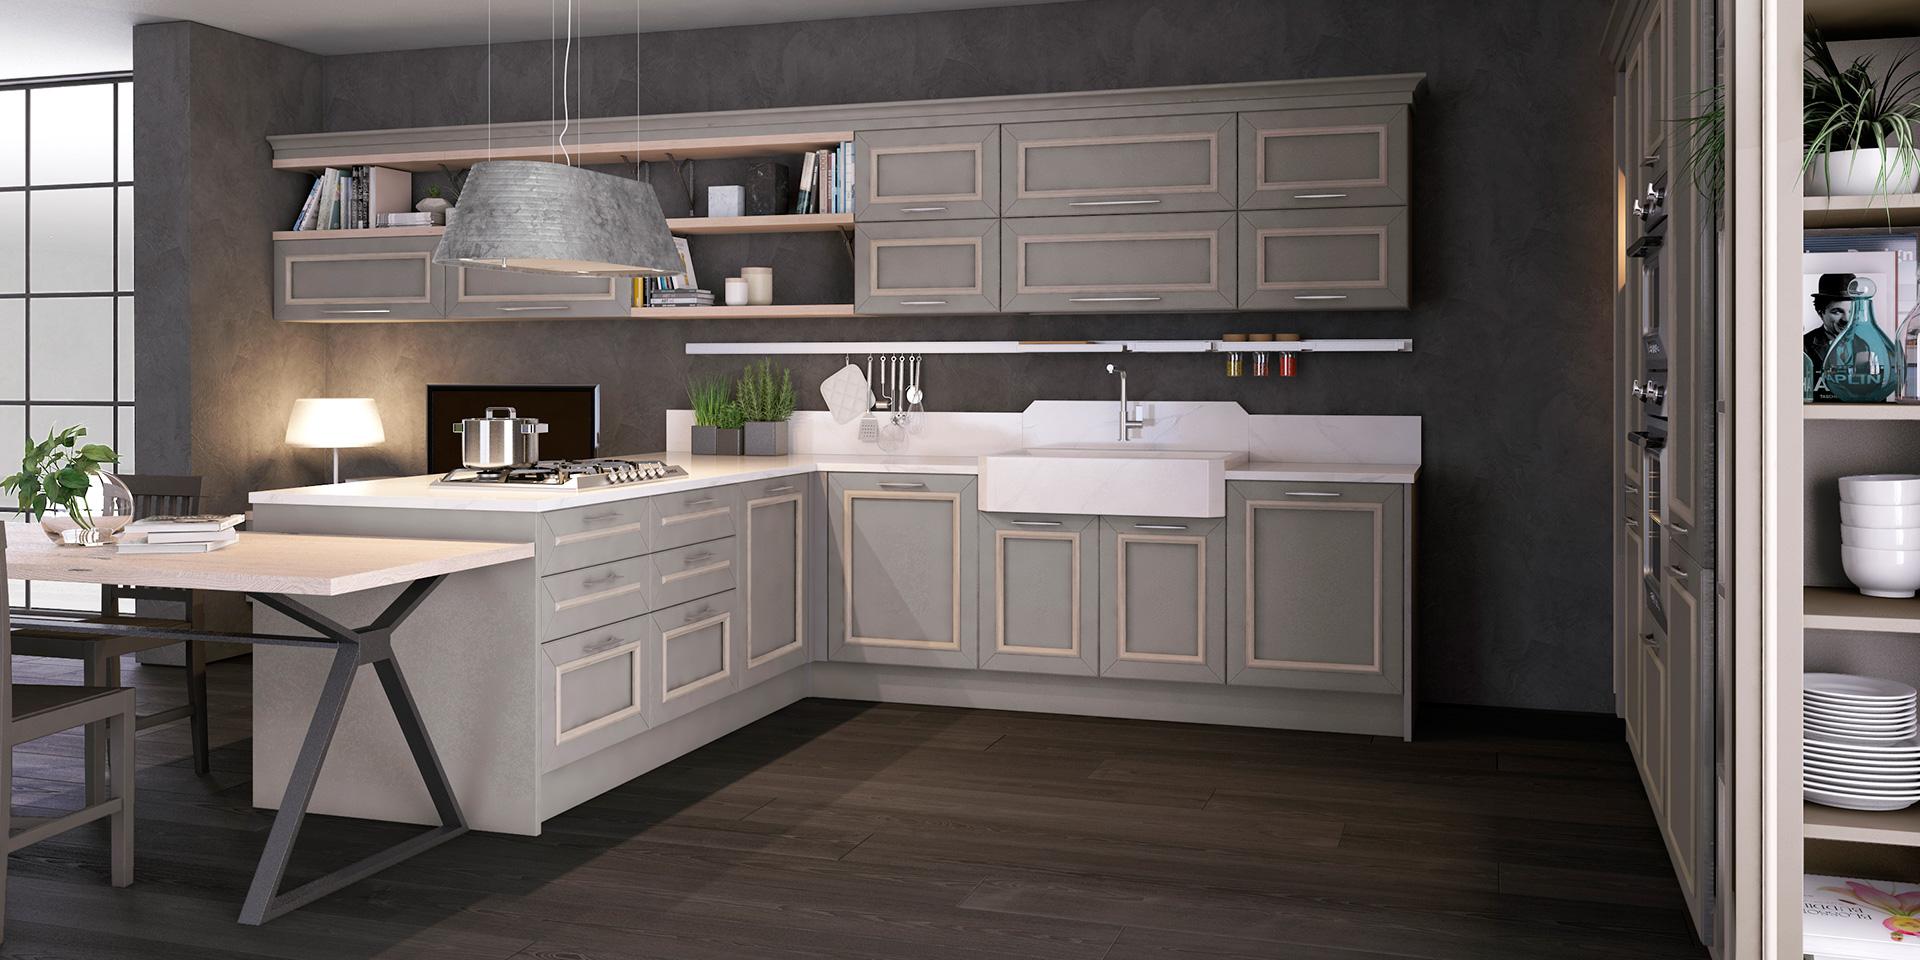 Soluzioni Per Cucine A Vista : Soluzioni per cucine a vista ...